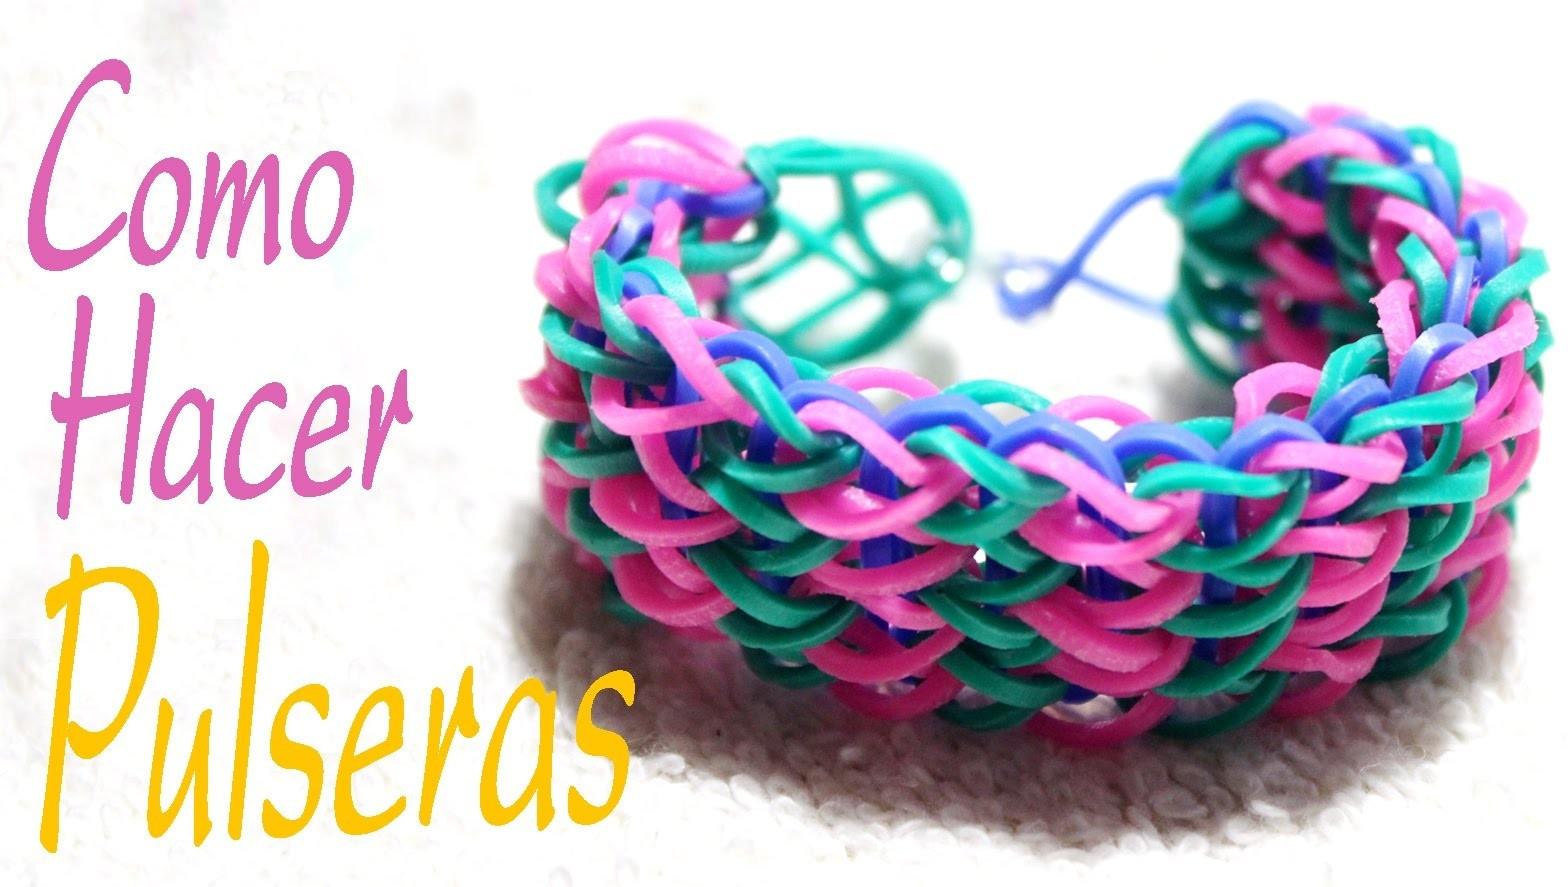 Como hacer pulseras de goma - pulseras de goma rainbow - bracelets